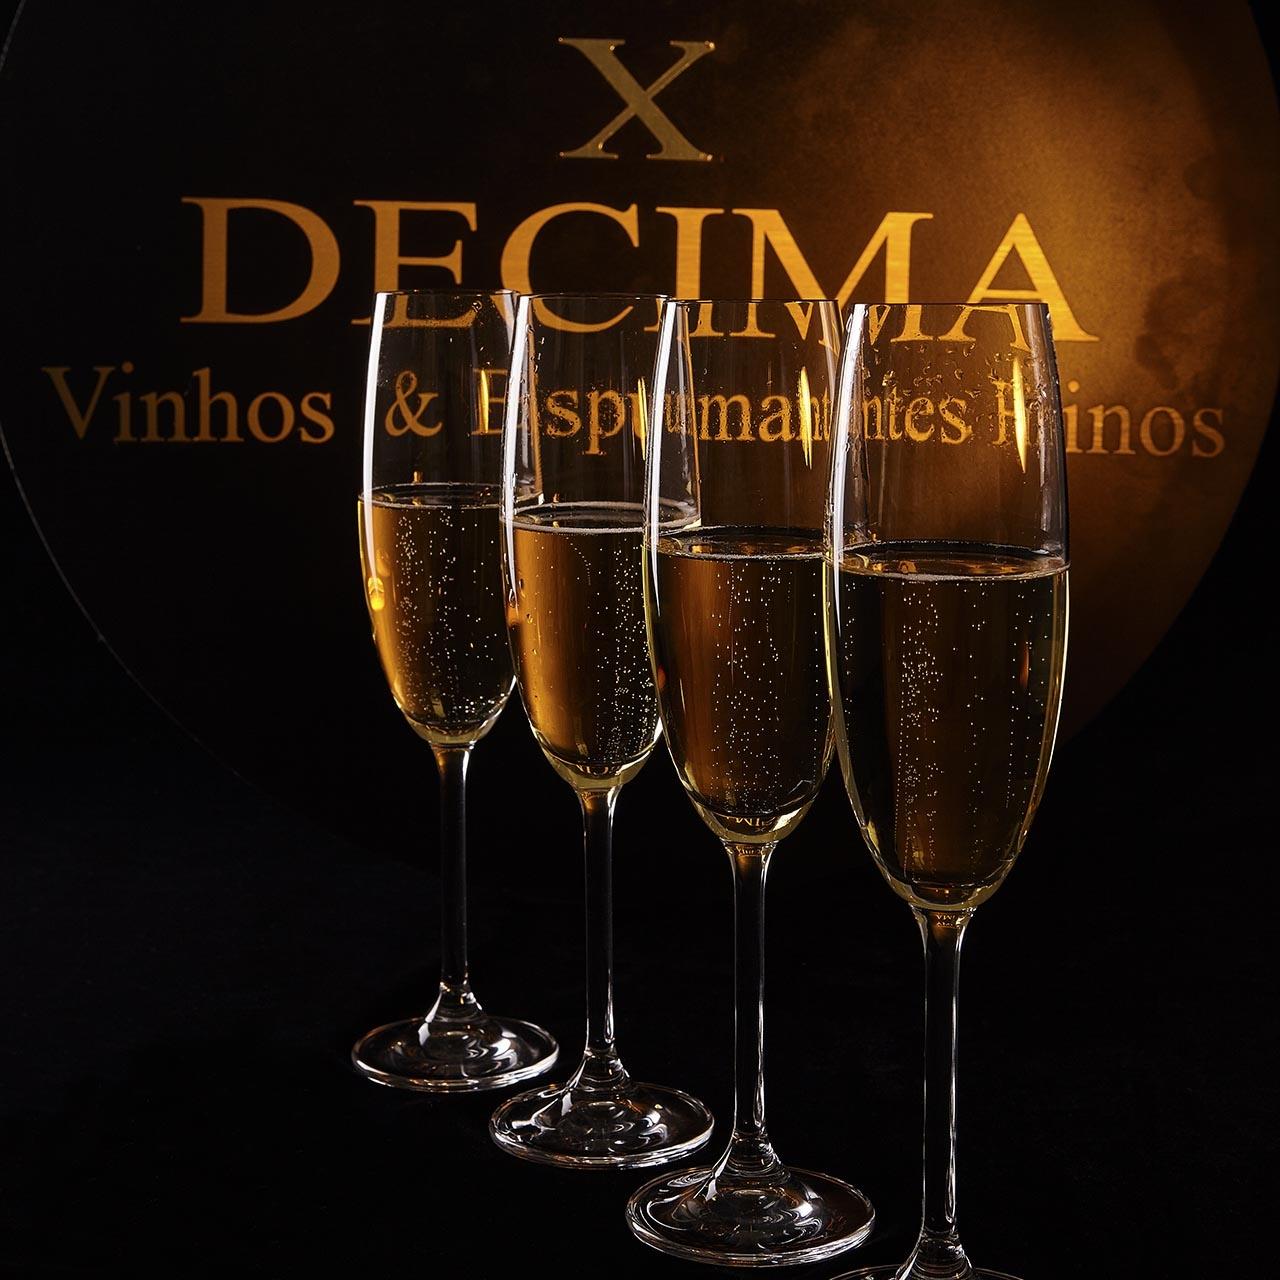 Vinhos Dexima, Brasil